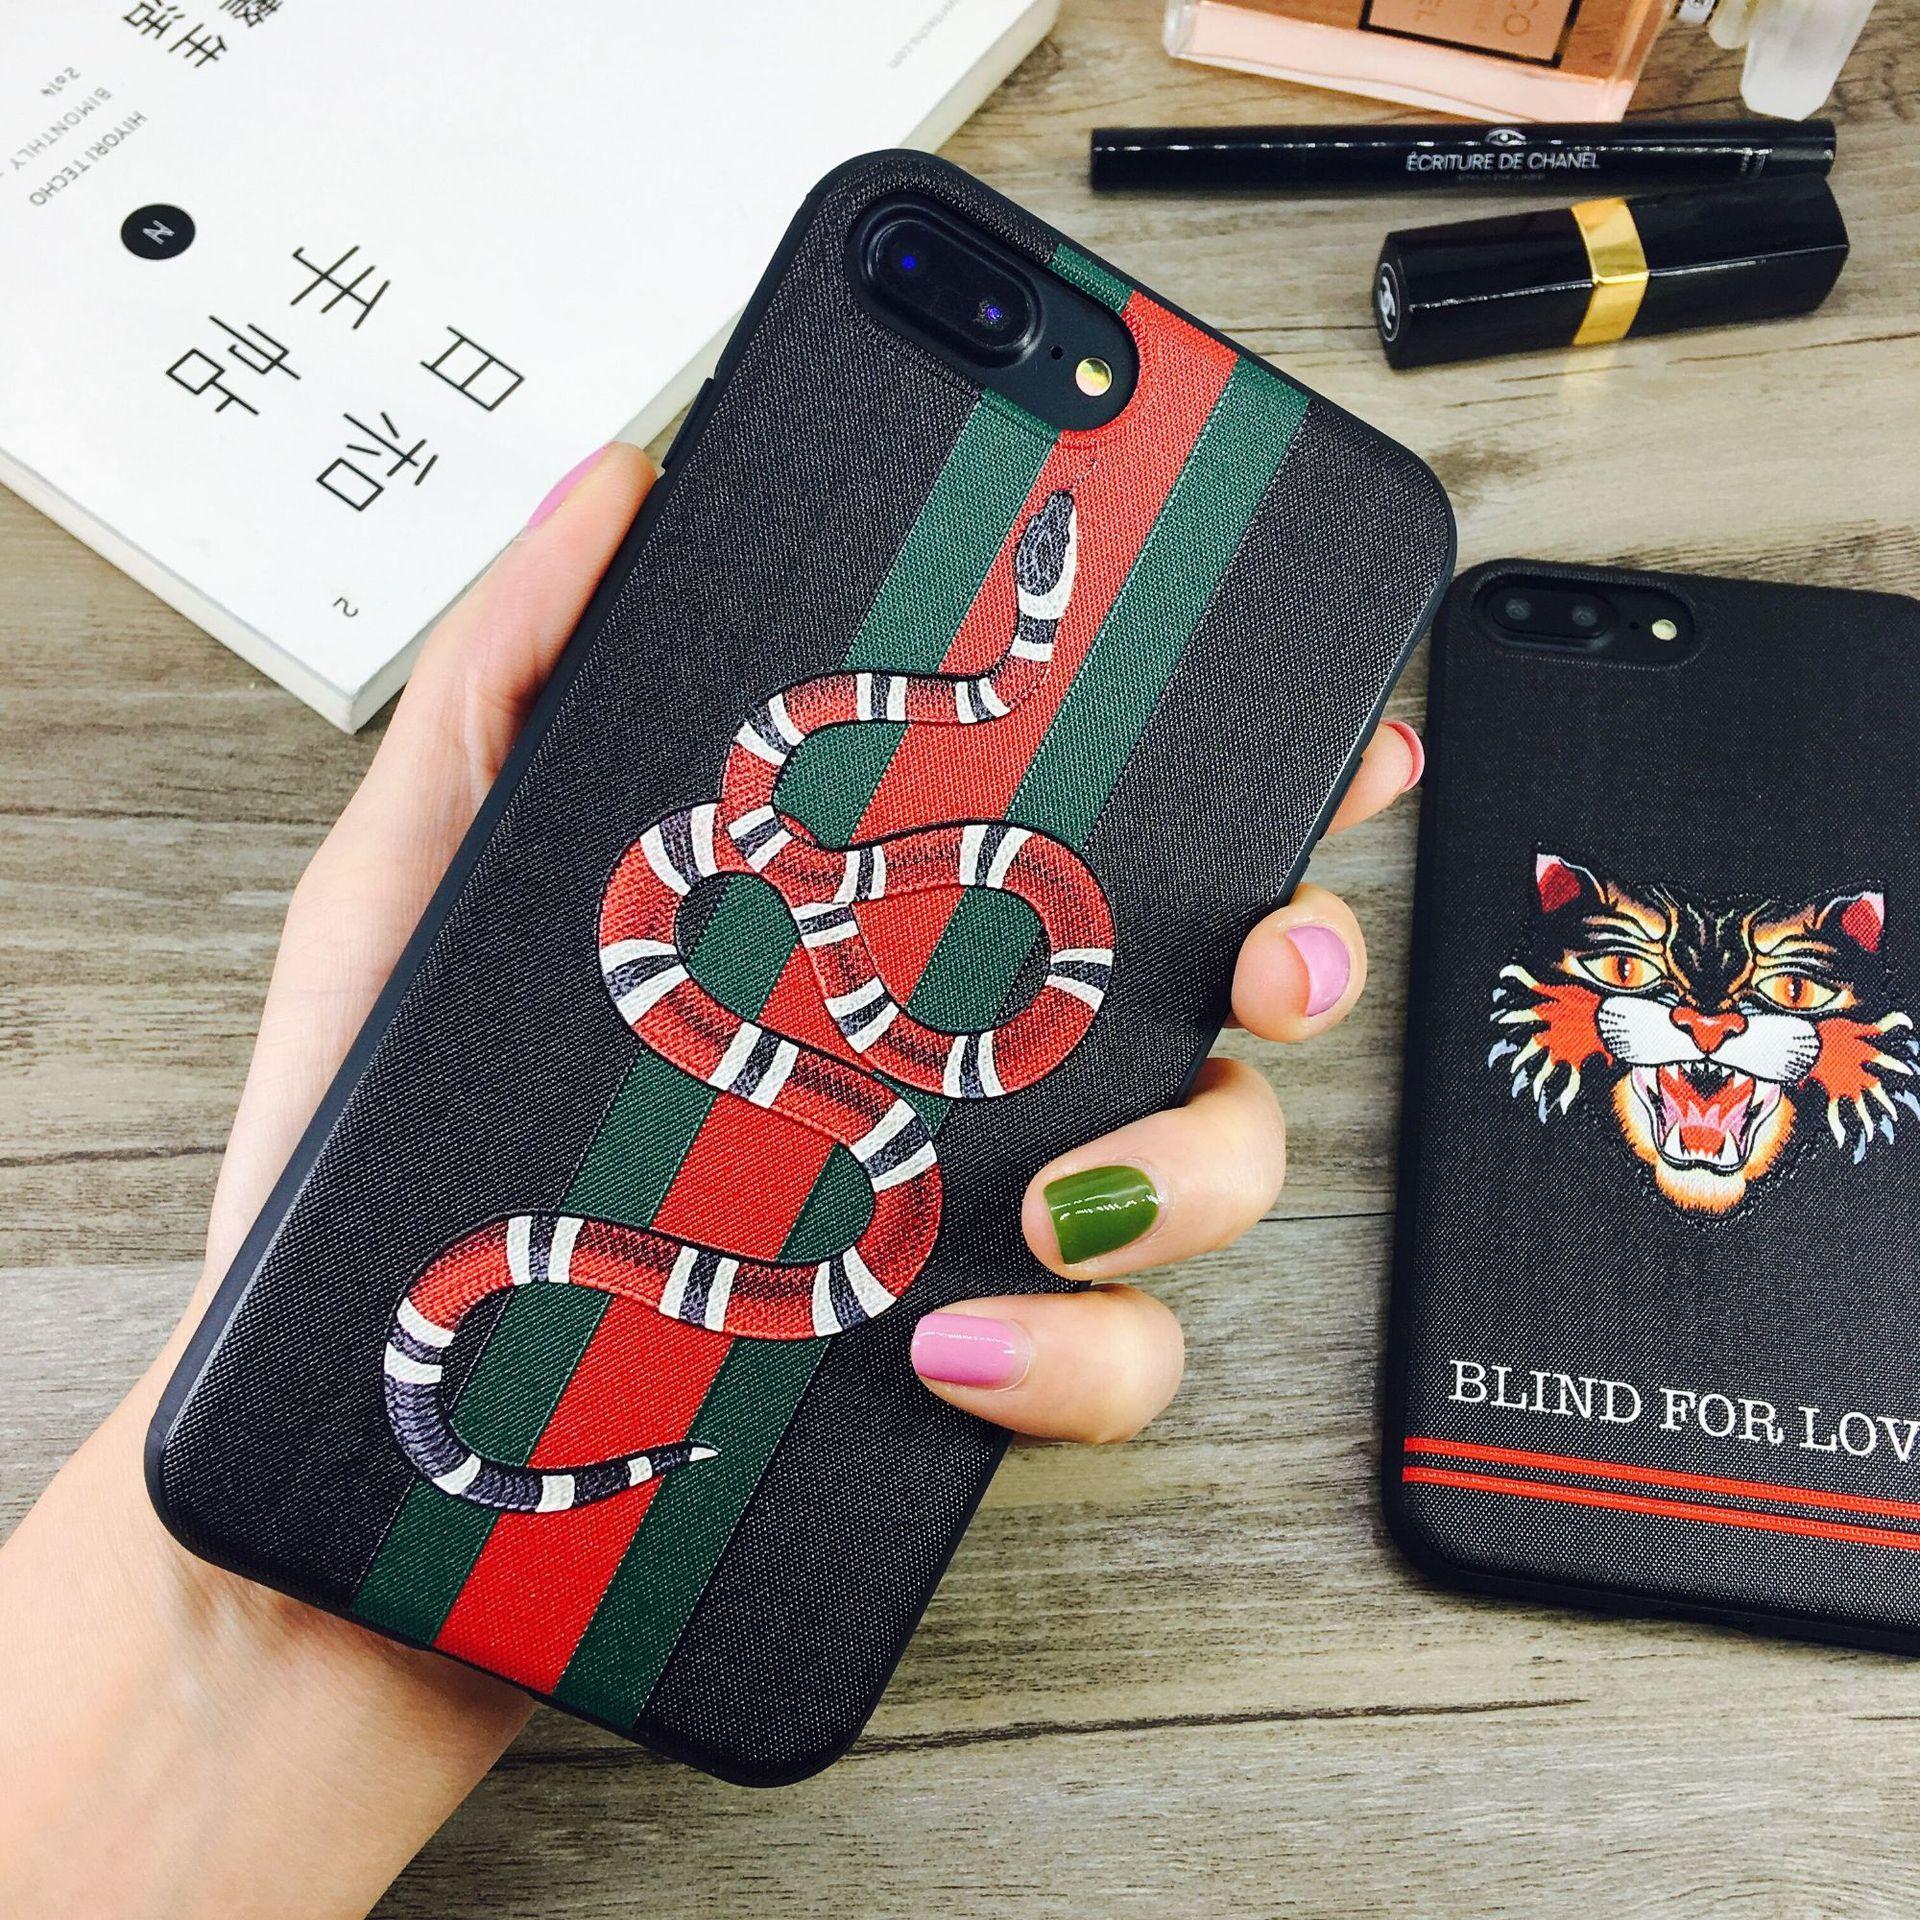 ad82f88d171b Fashion Designer Phone Case For IPhone X 6 6S 6plus 6S Plus 7 8 7plus 8plus  Luxury Brand Case Back Cover Phone Case Protection Cell Phone Covers Phone  Cover ...